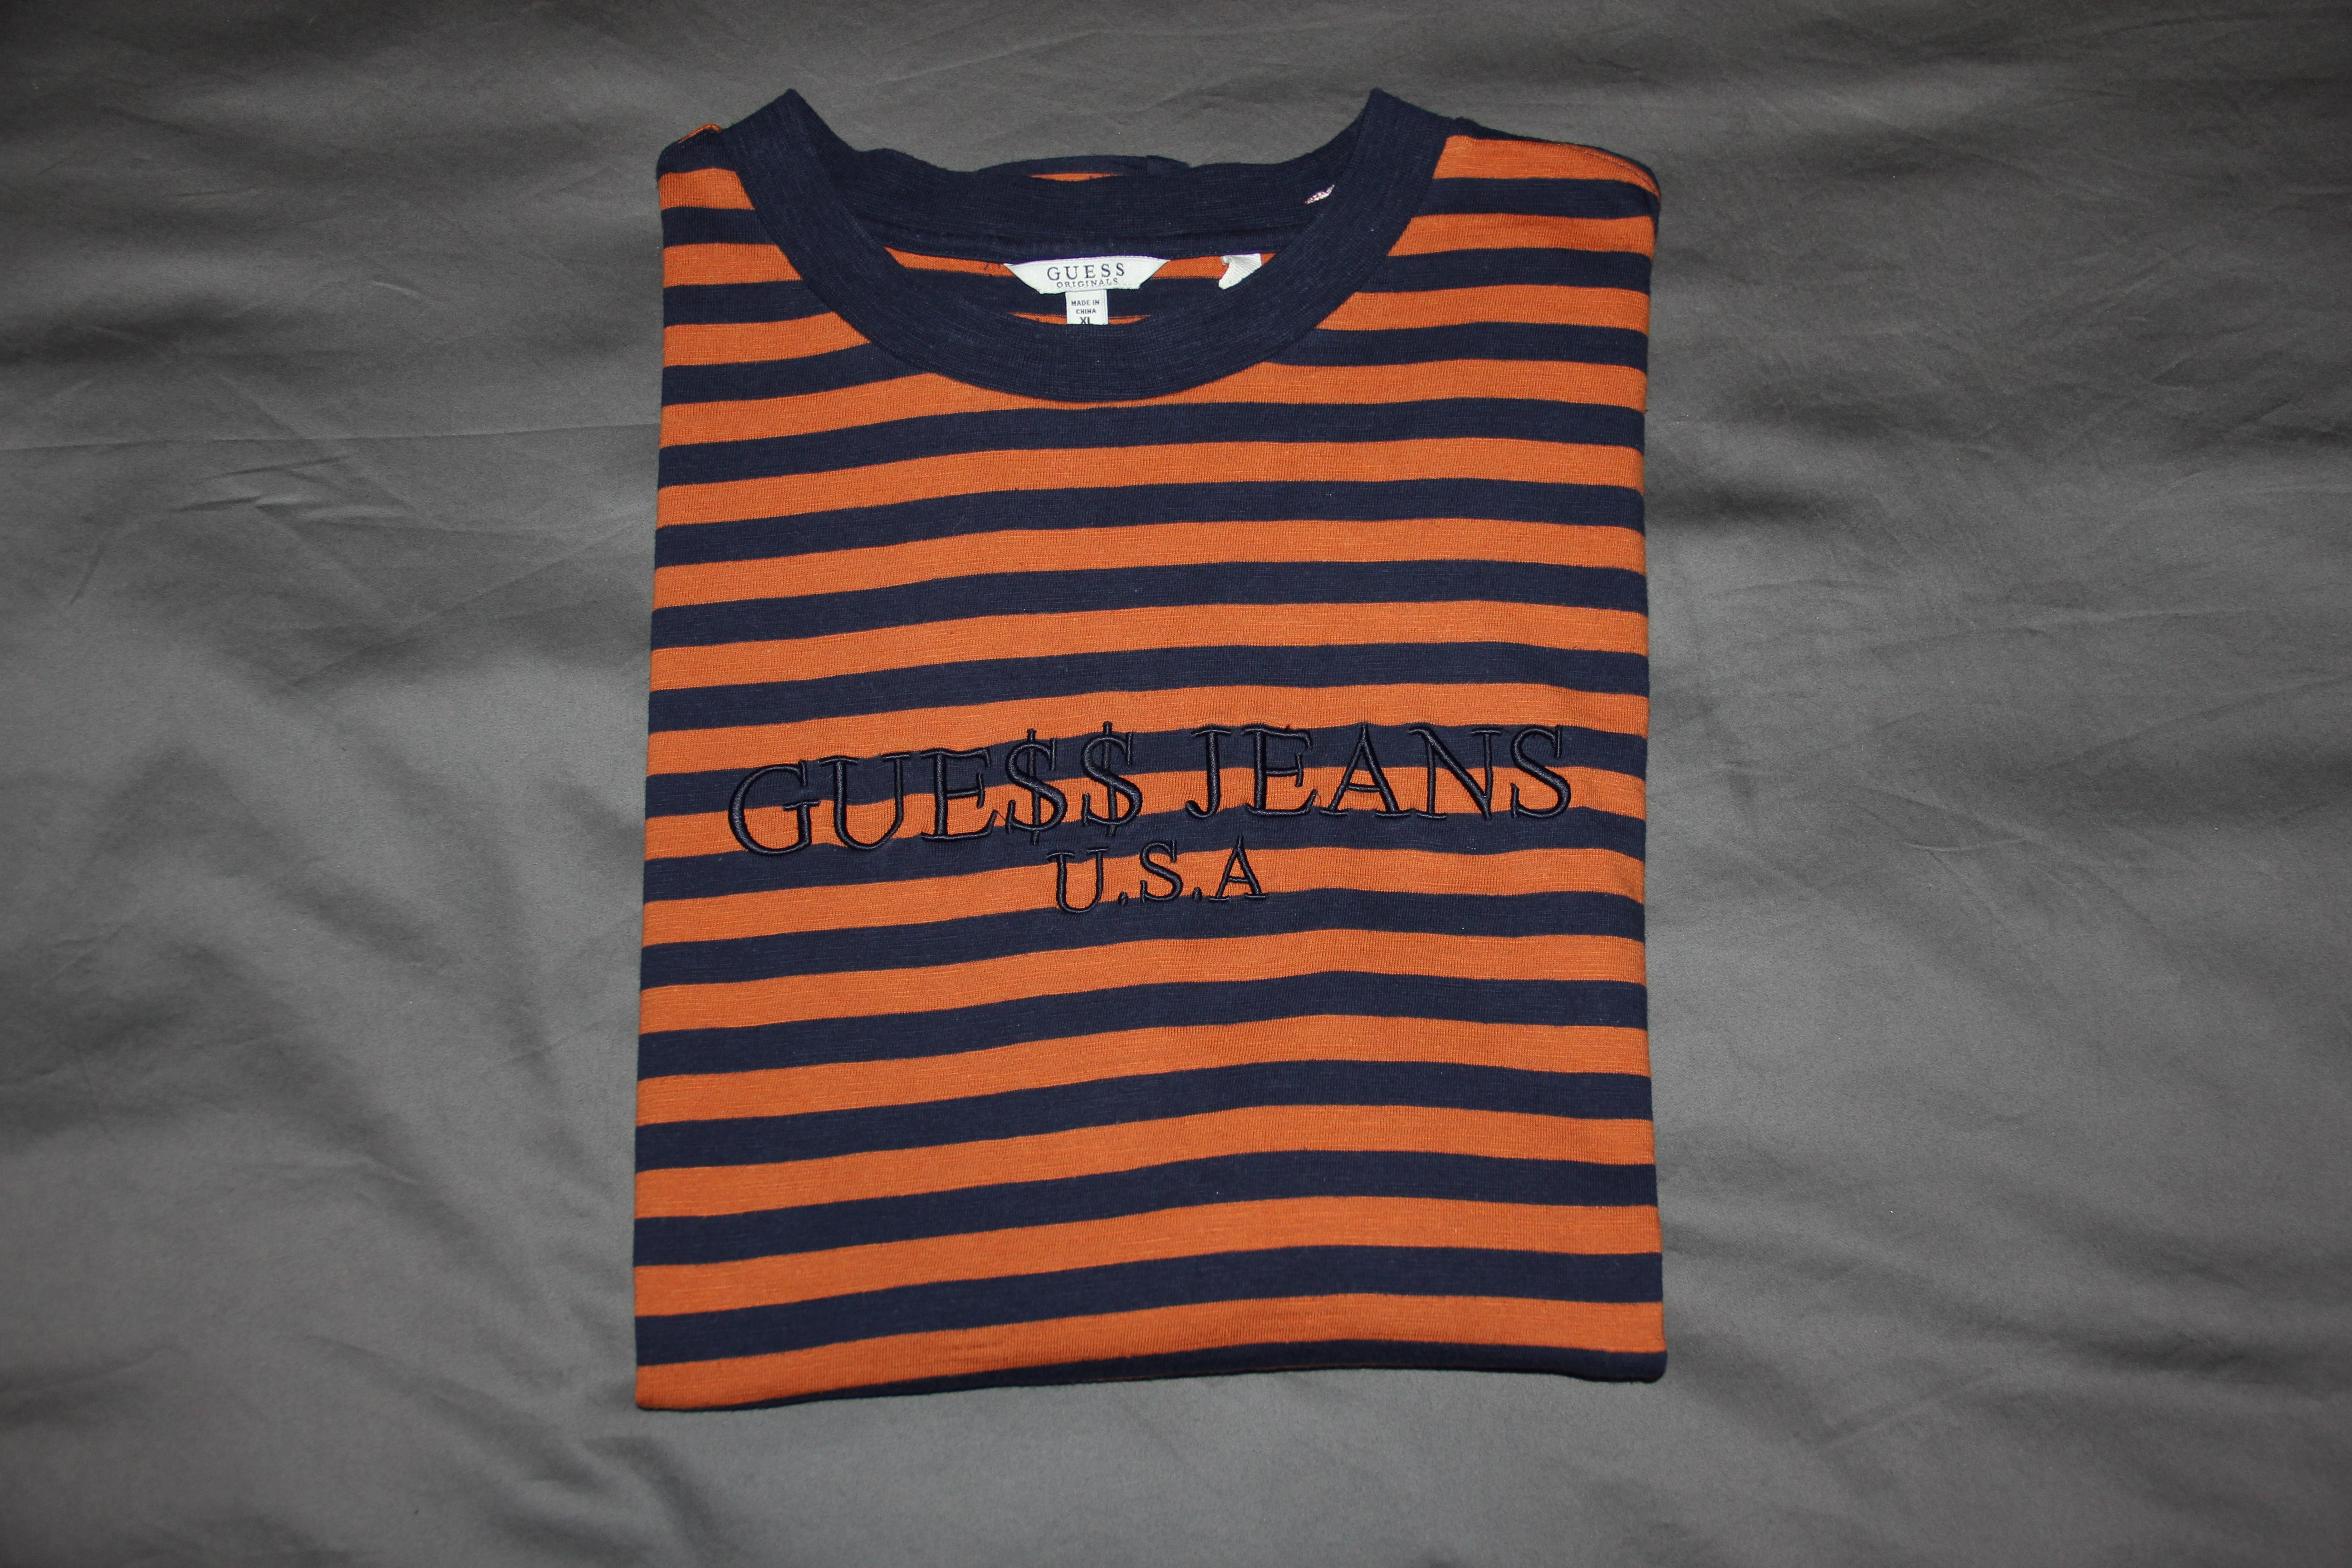 9b543ea8b4 Guess Guess Jeans Asap Rocky T-shirt (blue, Orange, Size Xl)   Grailed